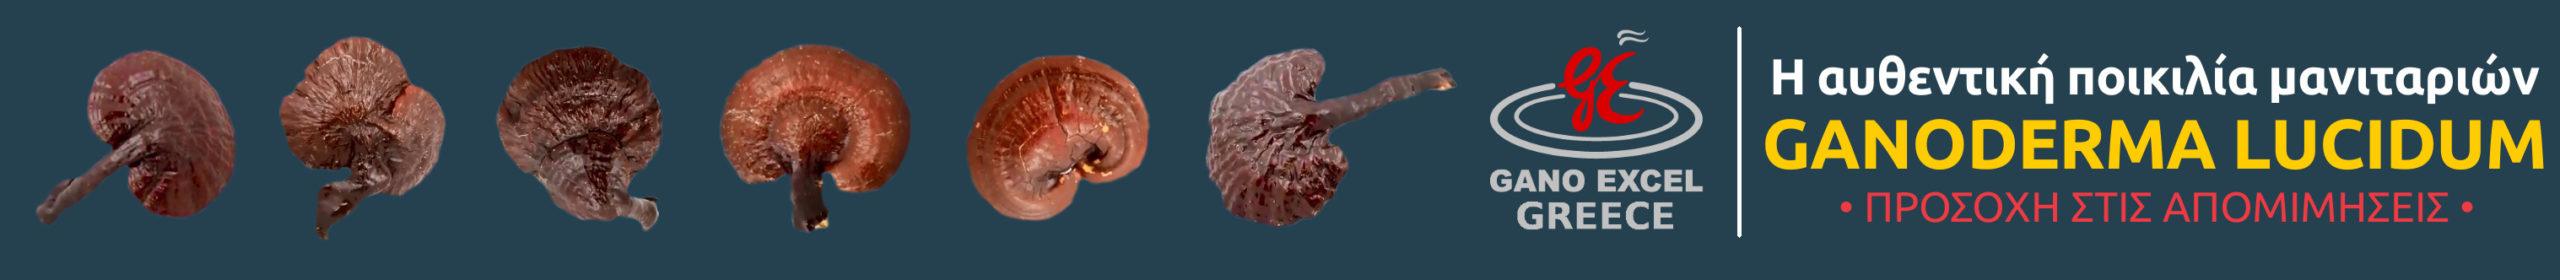 Η αυθεντική ποικιλία μανιταριών Ganoderma lucidum